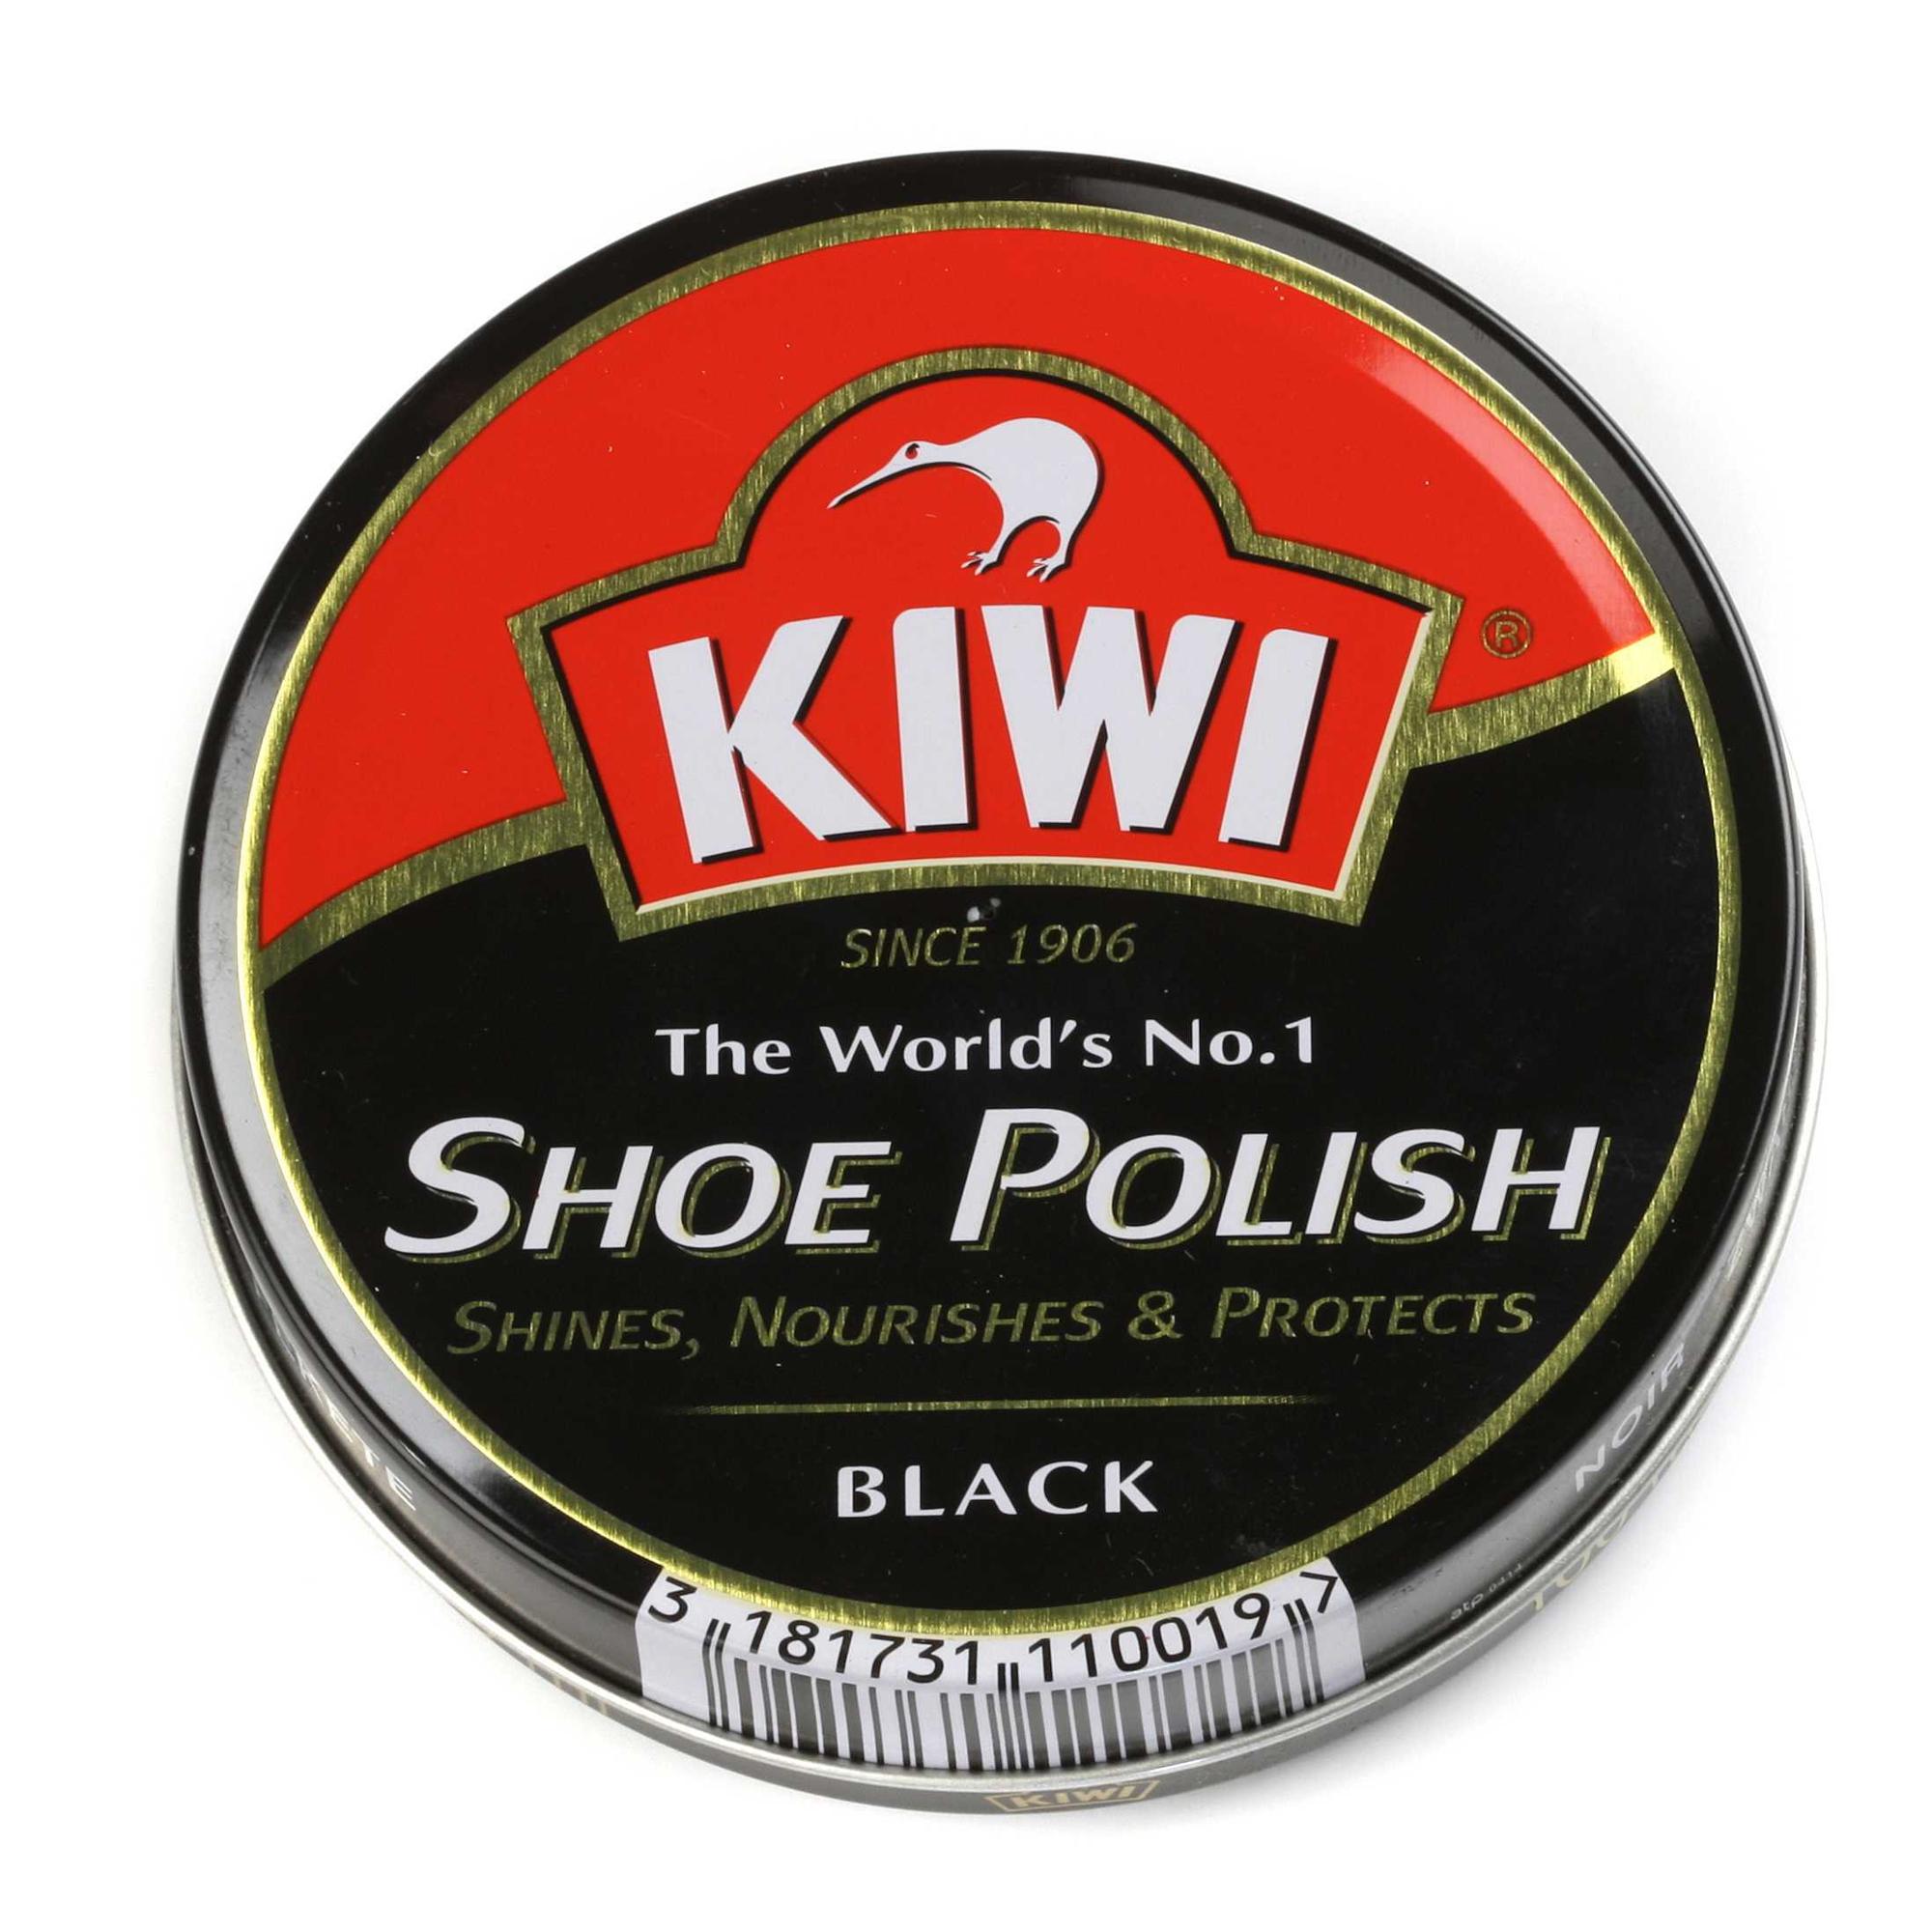 Kiwi Shoe Polish Black Ml